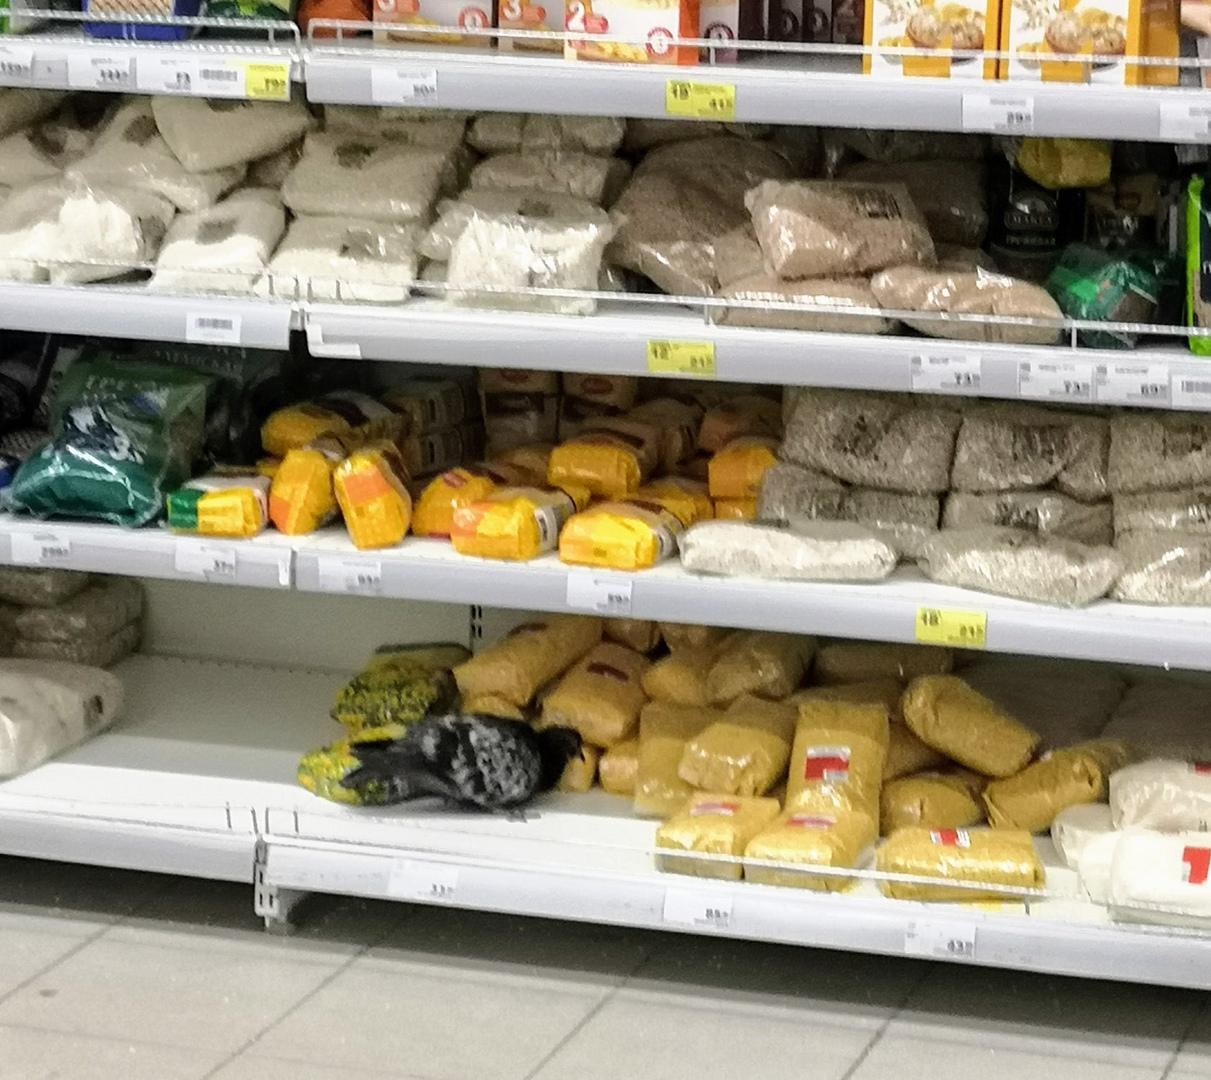 Голубь устроил себе пир на прилавках рыбинского супермаркета